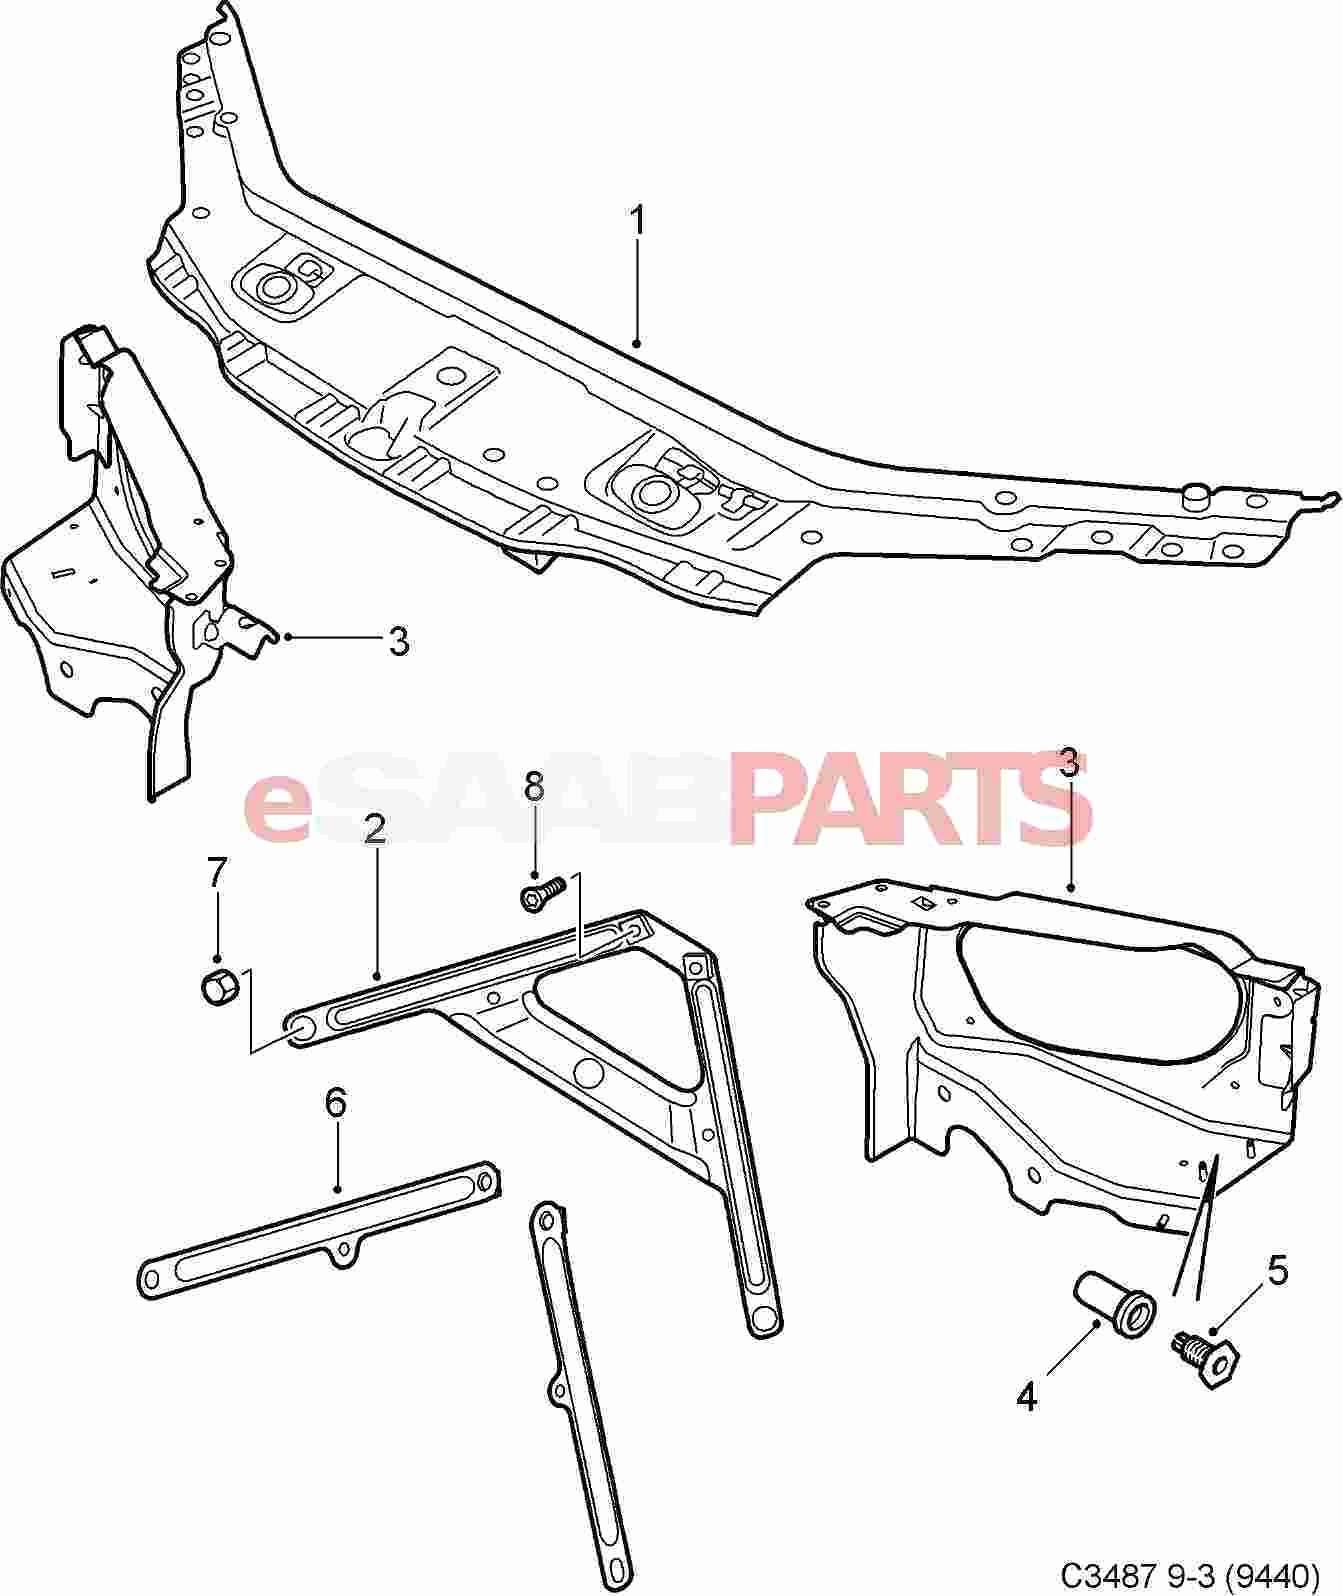 Exterior Car Parts Diagram Car Exterior Body Parts Diagram Beautiful ...